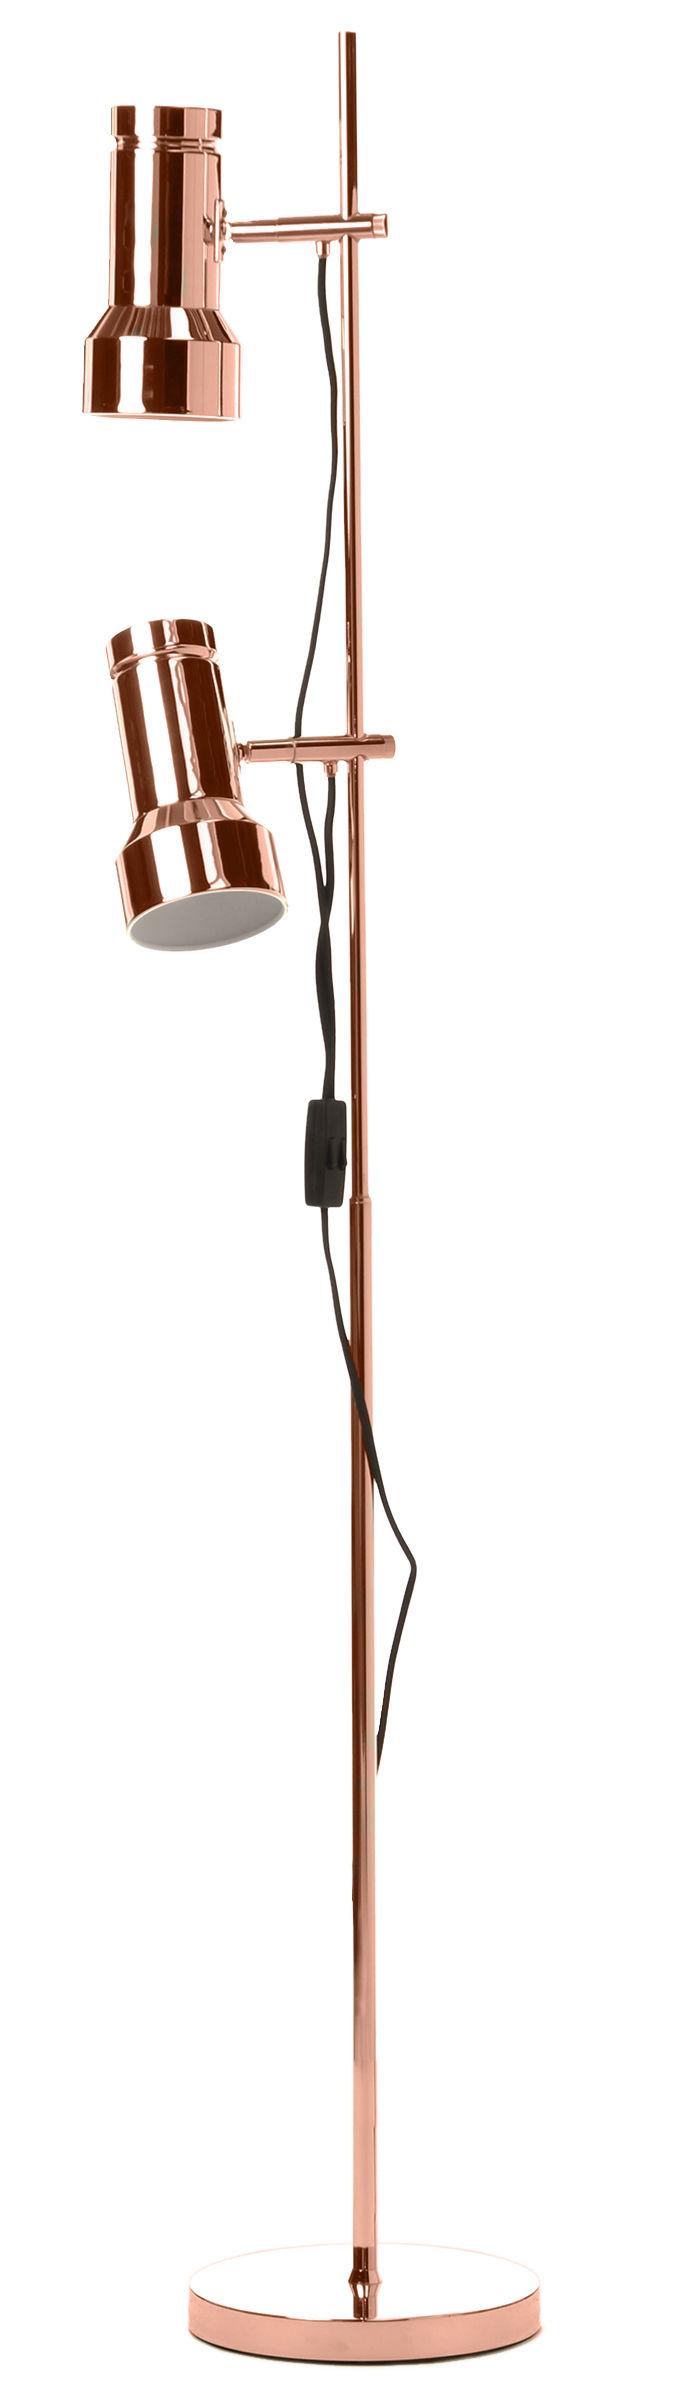 Luminaire - Lampadaires - Lampadaire Klassik / Liseuse - Réédition 1969 - Frandsen - Cuivre - Métal finition cuivre